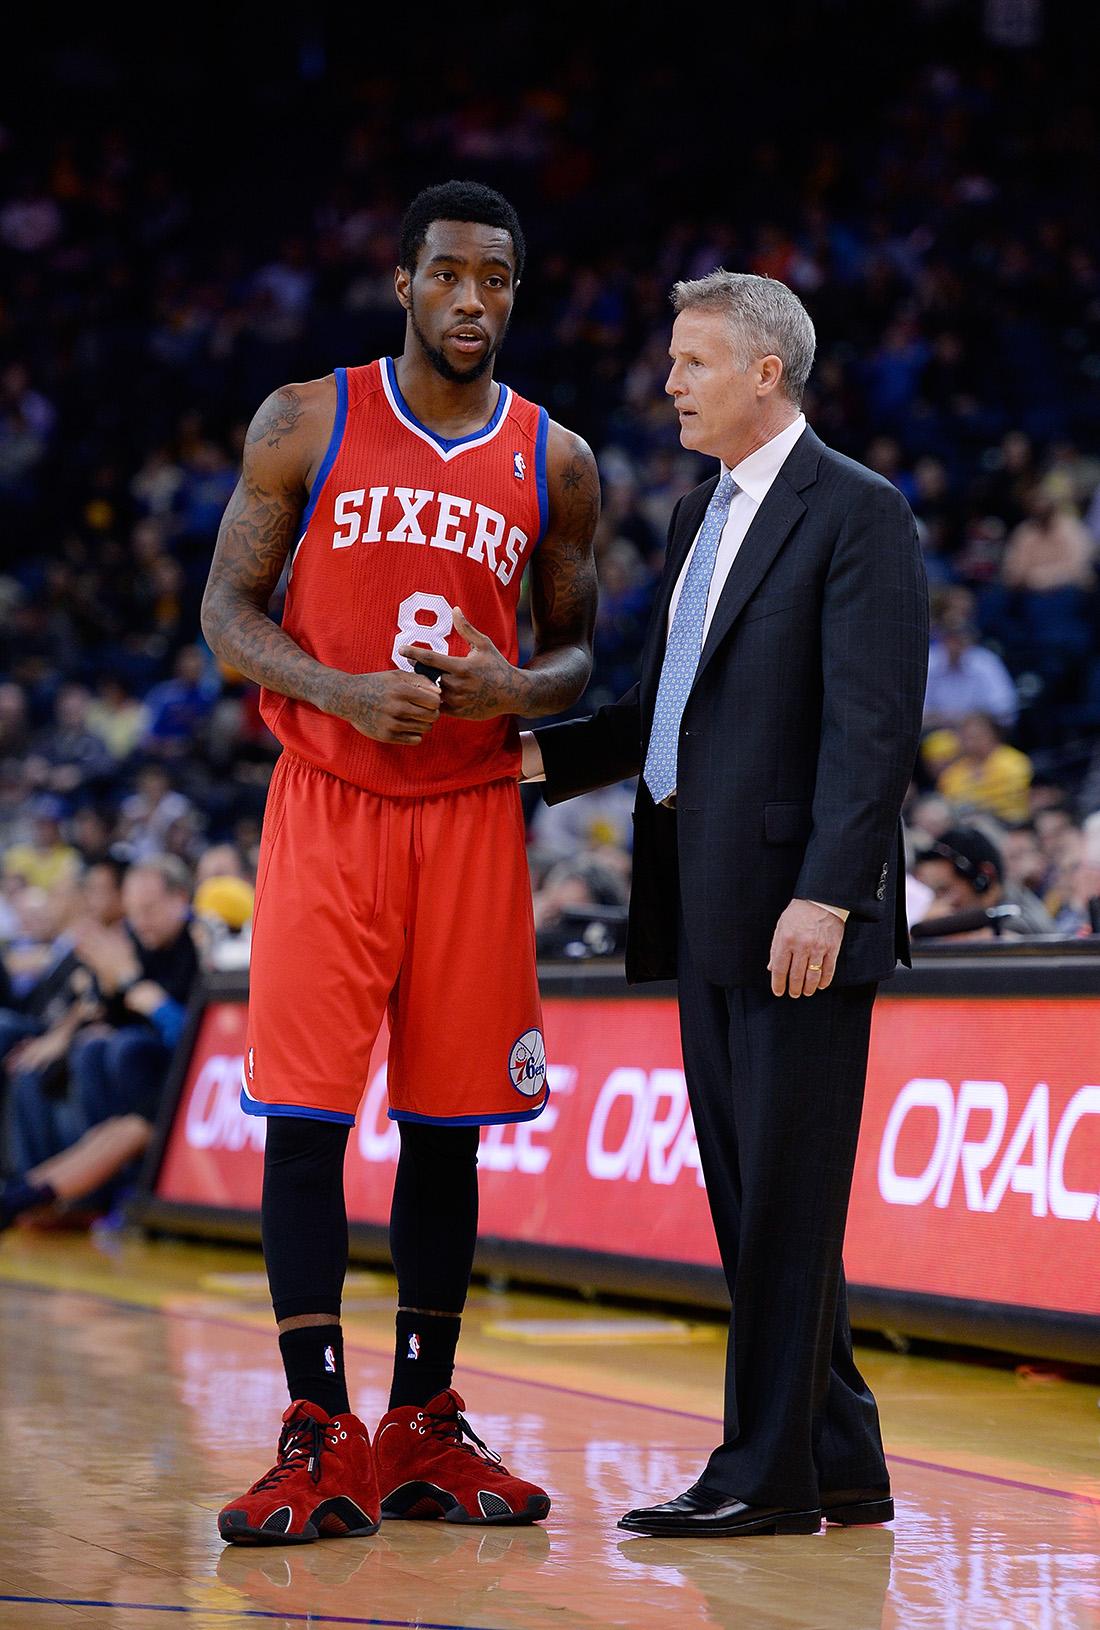 Brett Brown & Tony Wroten en viva basquet